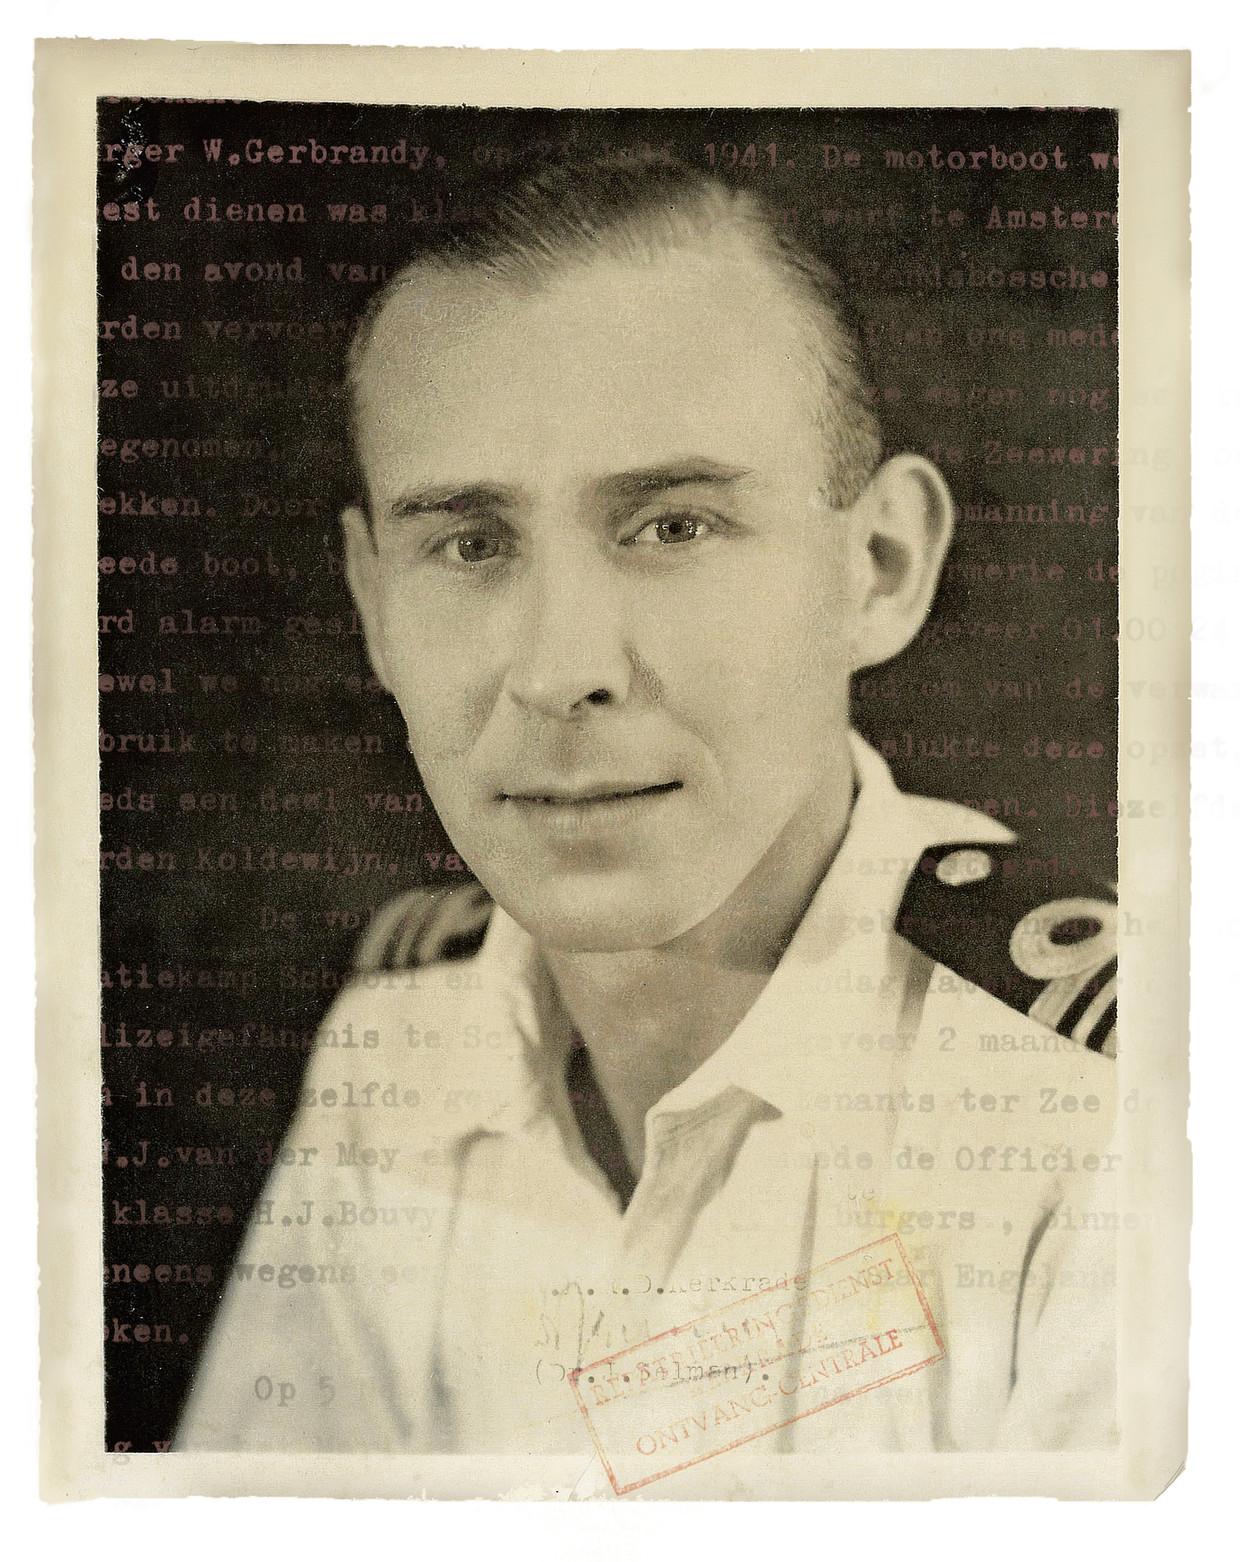 Wijnand Langeraar, de grootvader van Pieter Hotse Smit, op een ongedateerde foto - vermoedelijk kort na de Tweede Wereldoorlog. Beeld .